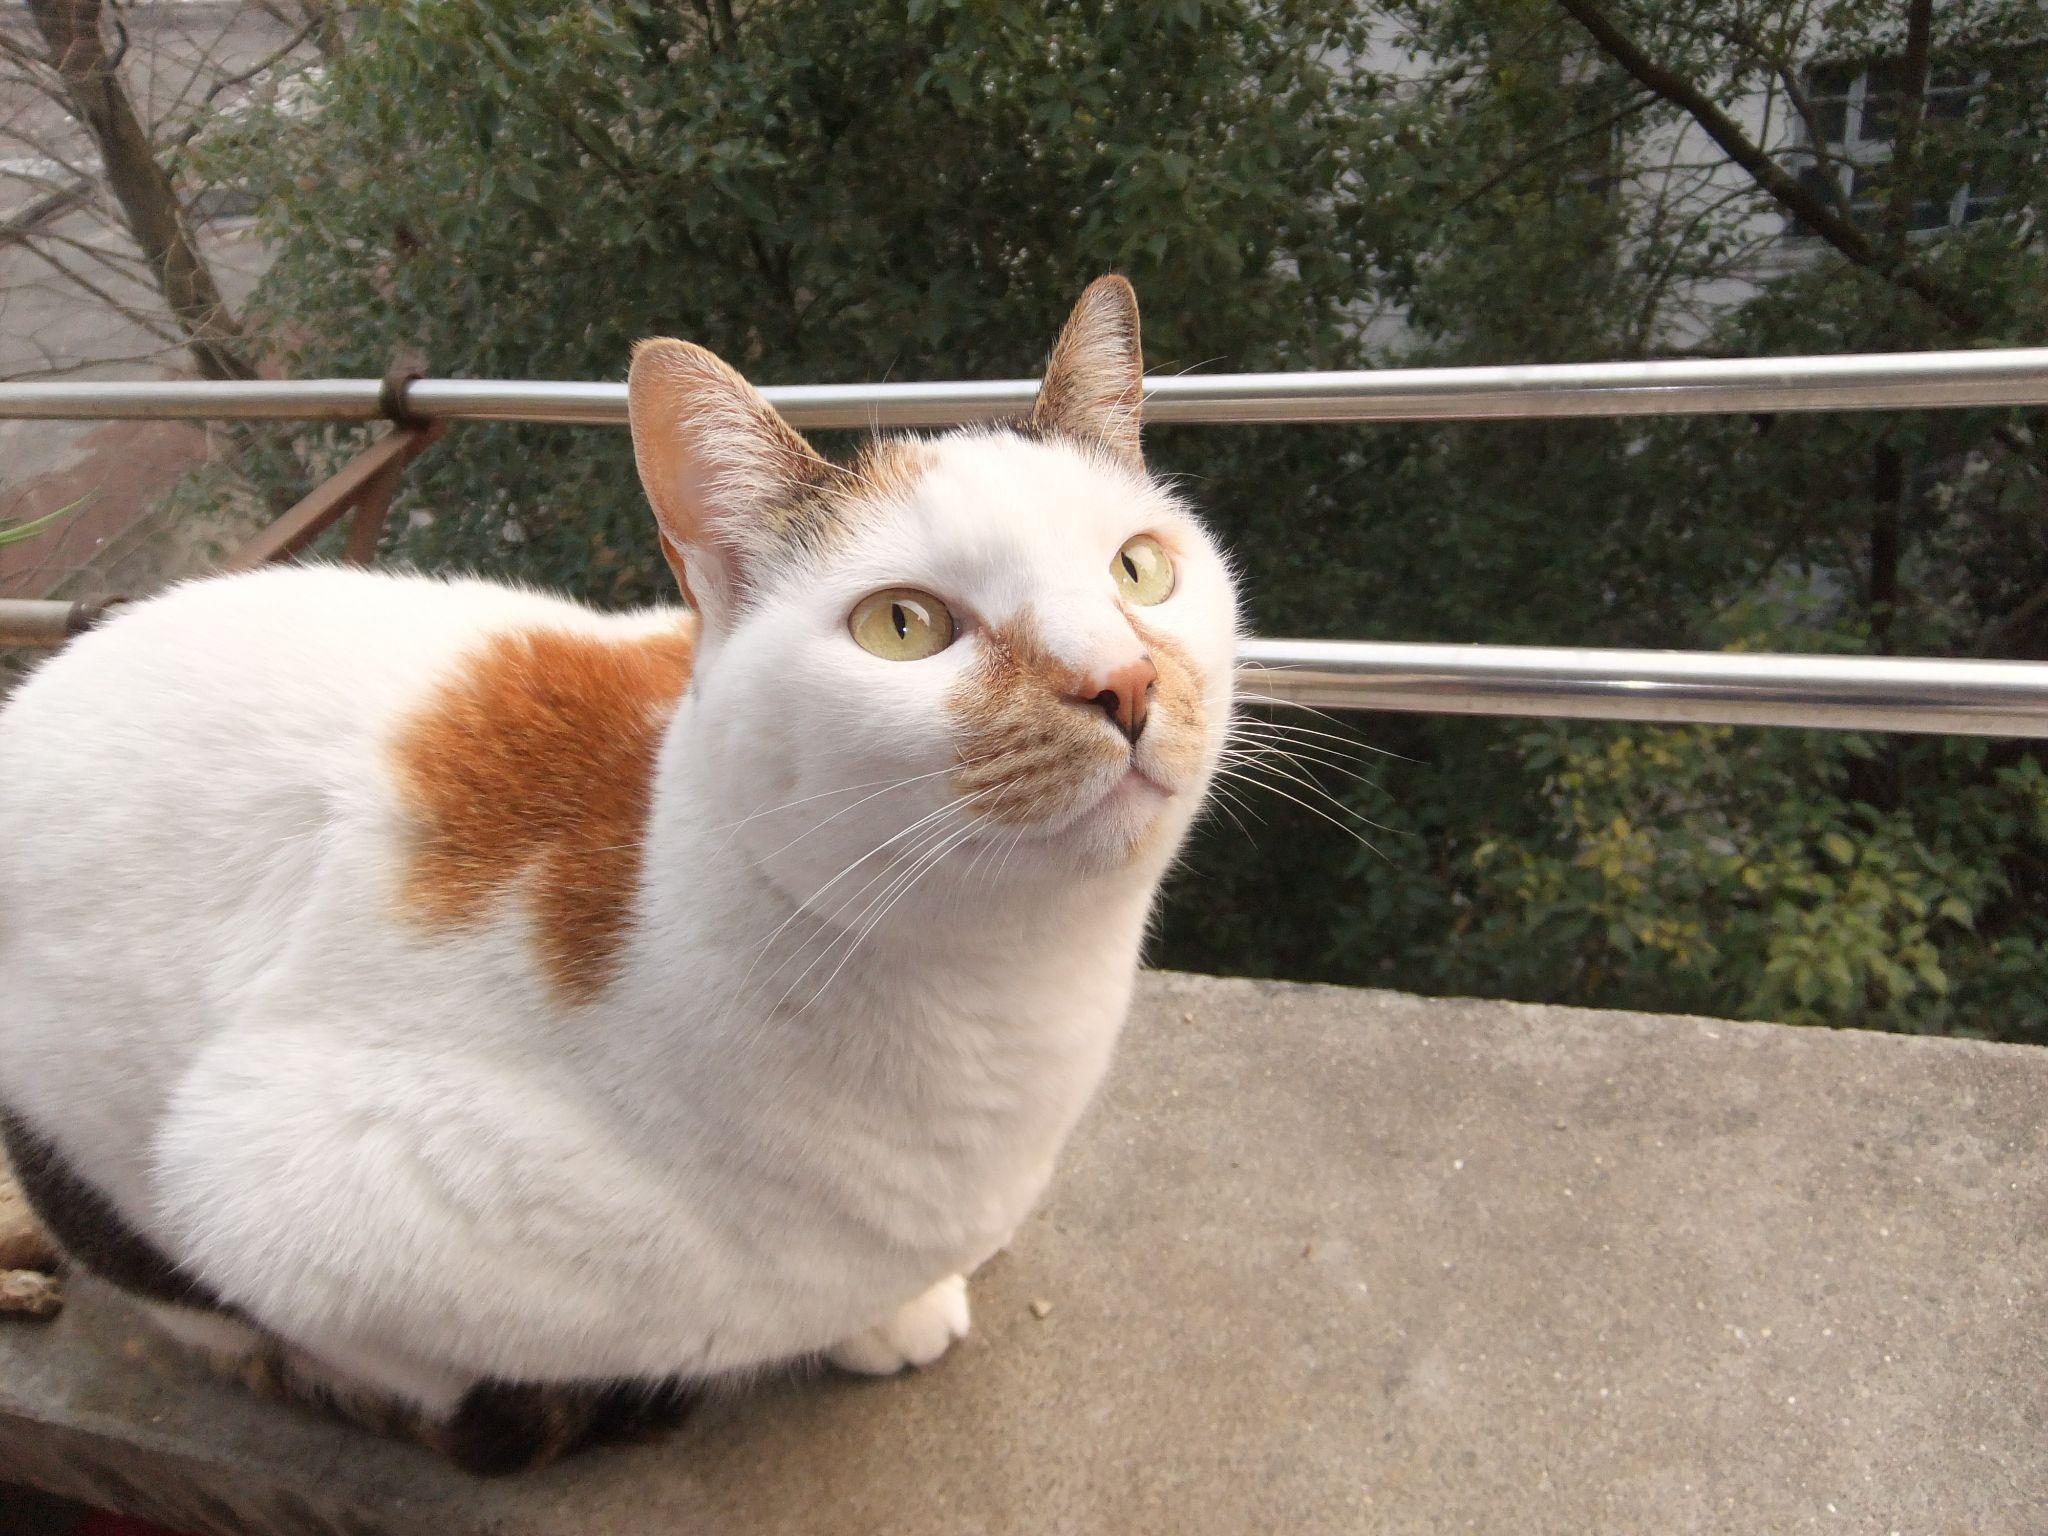 我的世界花盆怎么做_猫死了,人怎么处理猫尸体? - 知乎